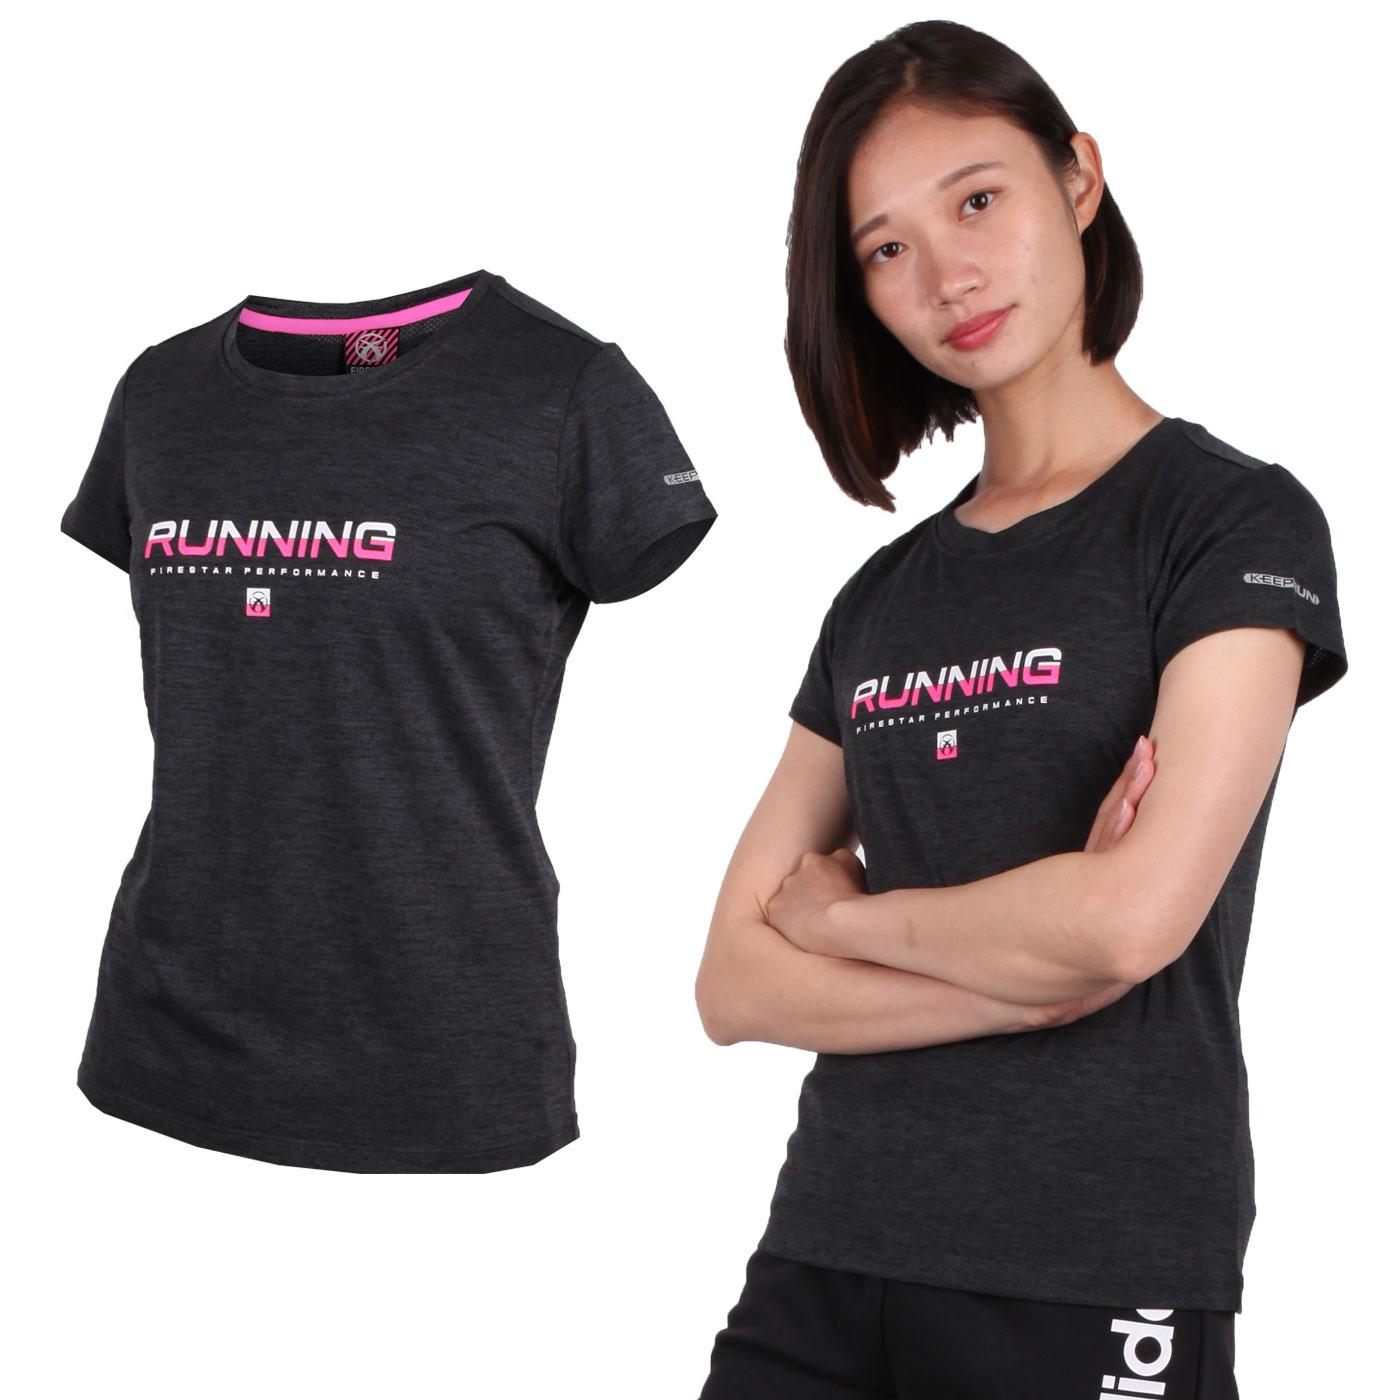 FIRESTAR 女款吸濕排汗圓領短袖T恤 DL961-19 - 深灰亮粉白